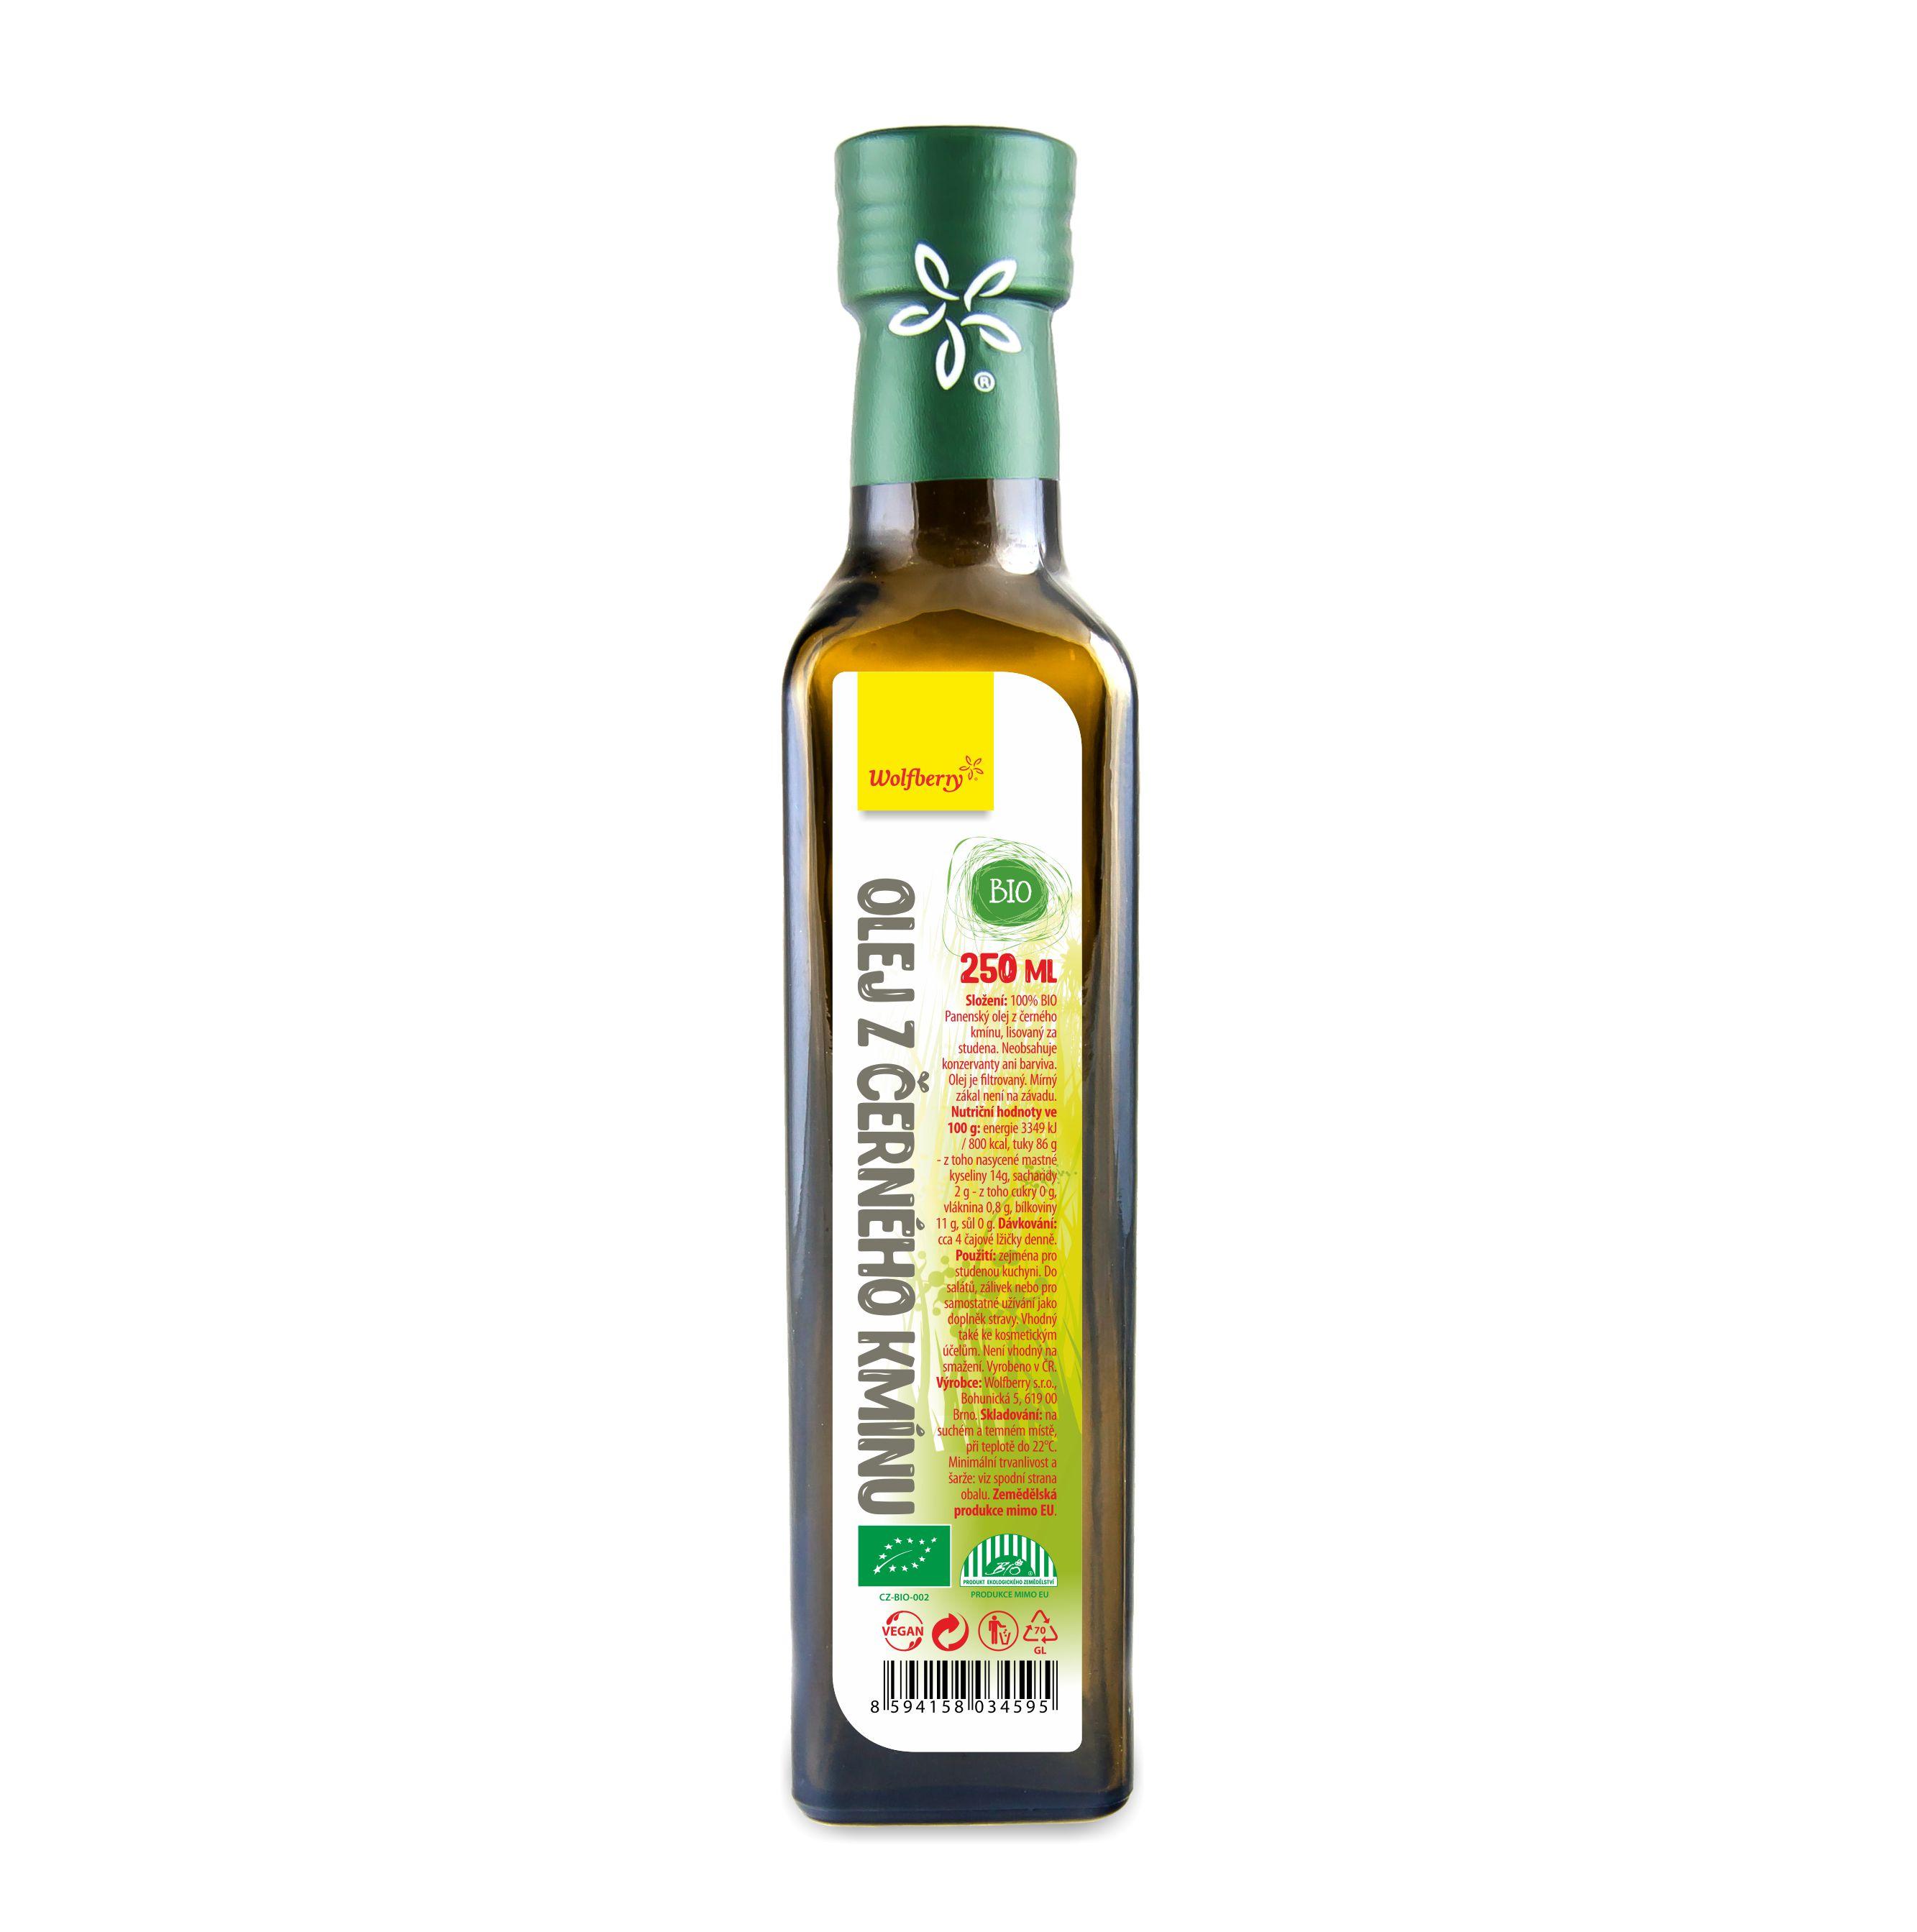 Wolfberry Olej z čiernej rasce BIO 250 ml Wolfberry * 250ml